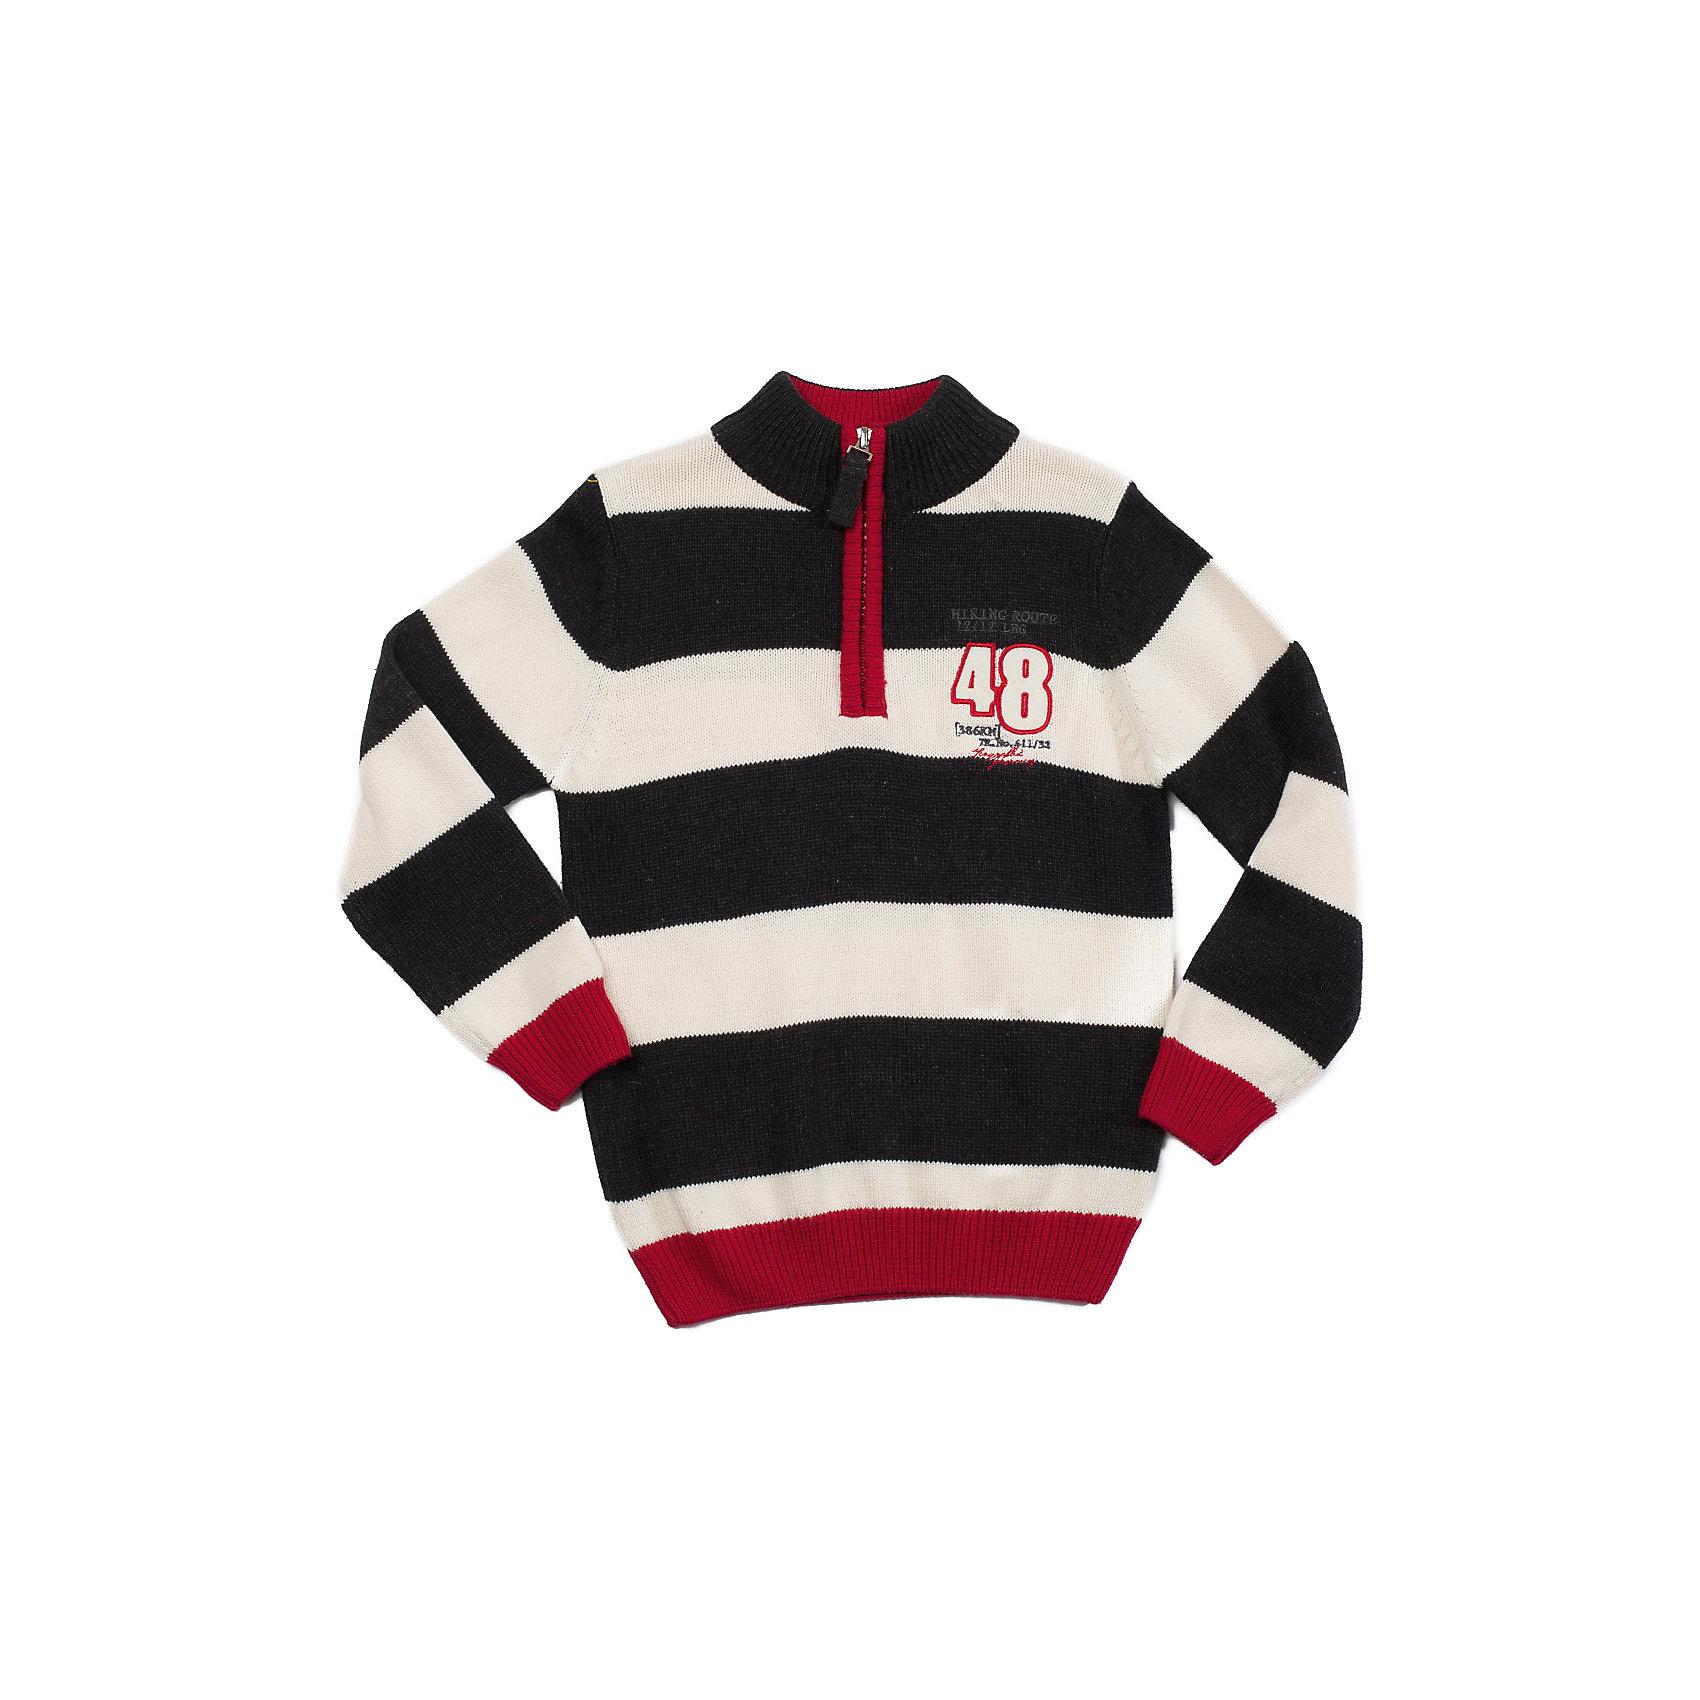 Свитер для мальчика Sweet BerryСвитер для мальчика с молнией по горловине для комфортного одевания. Декорирован контрастными полосами и аппликацией. <br>Состав: <br>60% хлопок, 40% акрил<br><br>Ширина мм: 190<br>Глубина мм: 74<br>Высота мм: 229<br>Вес г: 236<br>Цвет: серо-красный<br>Возраст от месяцев: 24<br>Возраст до месяцев: 36<br>Пол: Мужской<br>Возраст: Детский<br>Размер: 98,110,122,104,116,128<br>SKU: 4291543